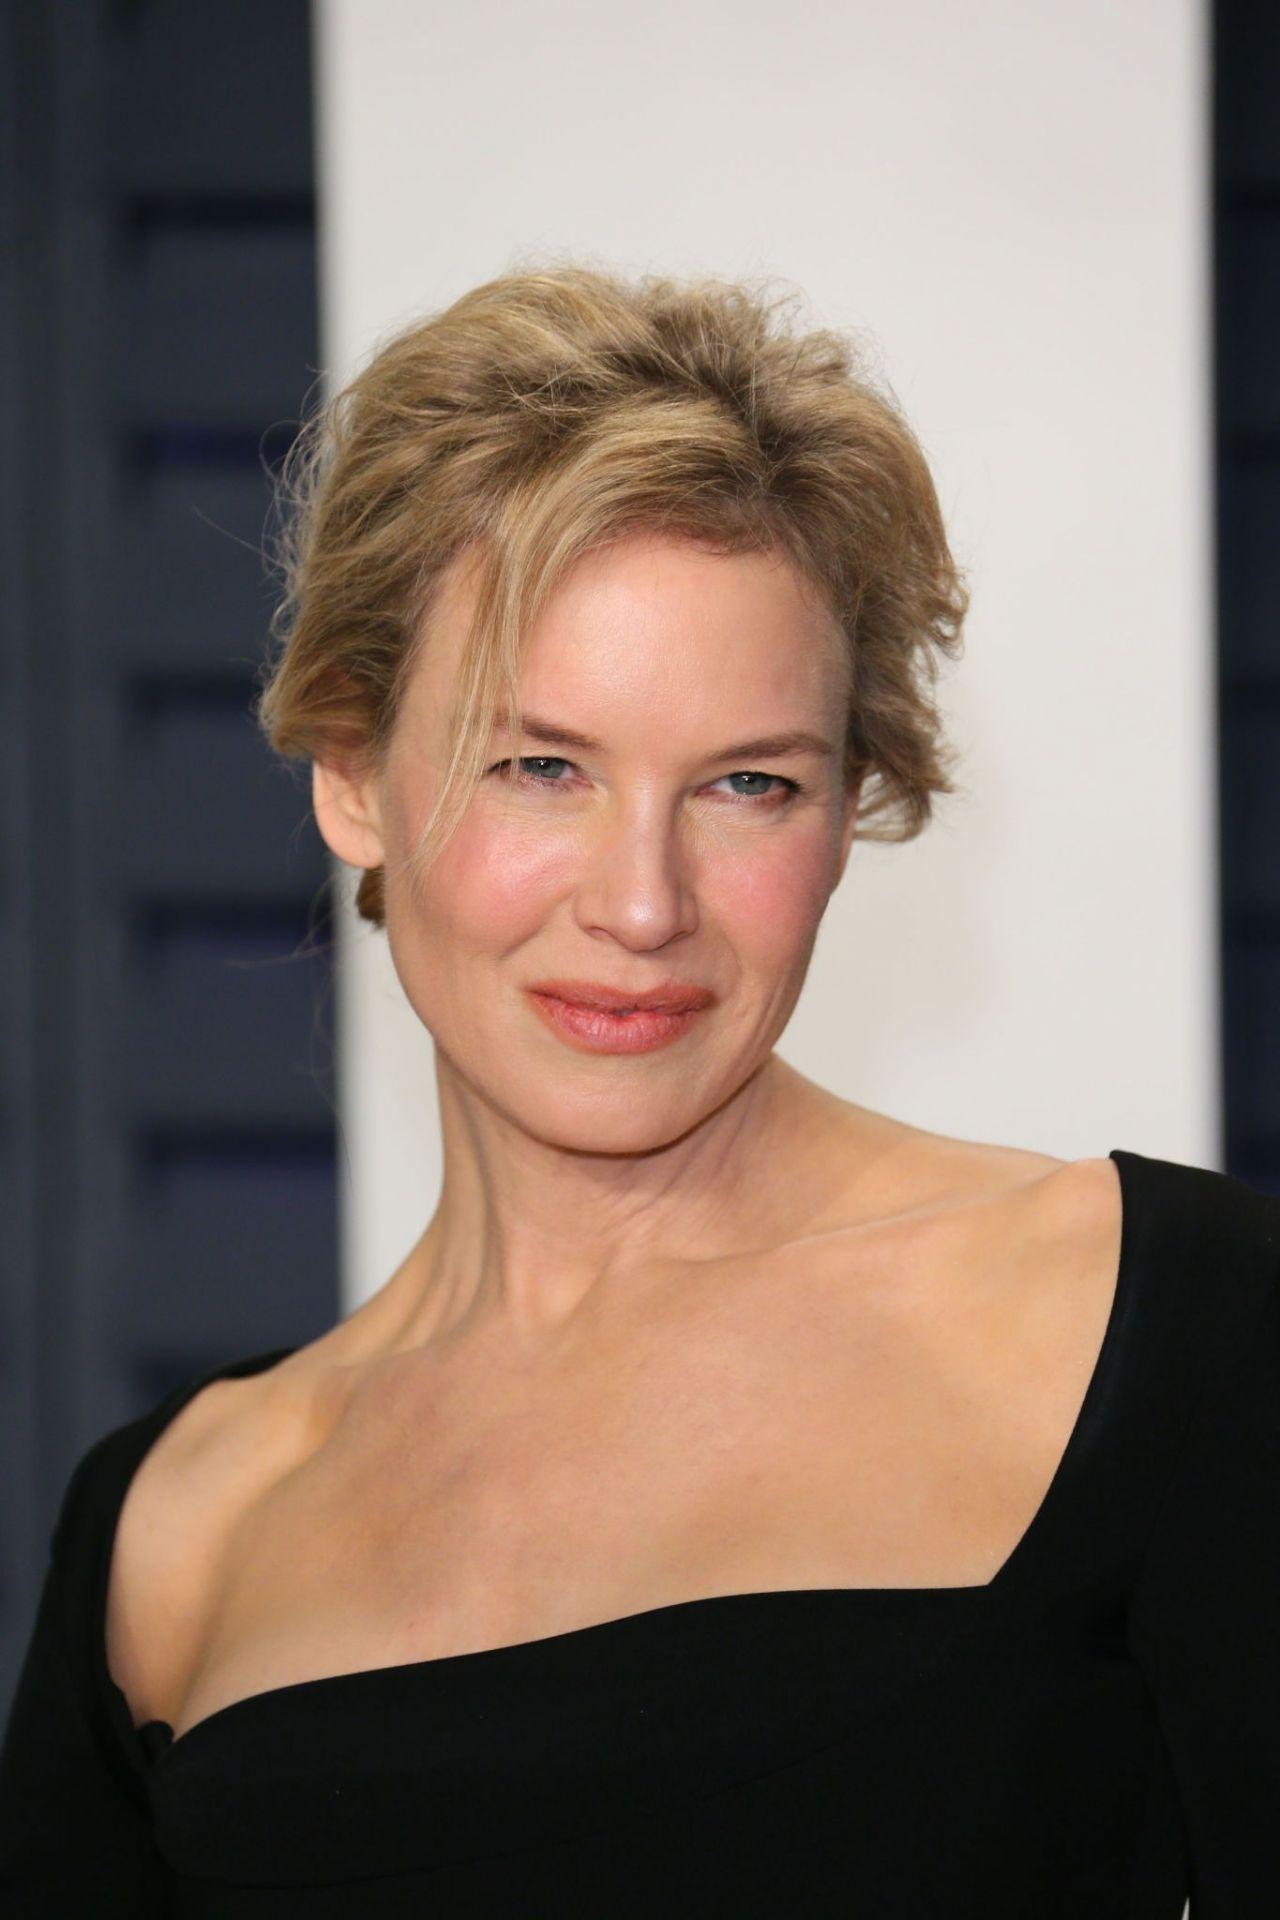 Renee Zellweger – 2019 Vanity Fair Oscar Party Renee Zellweger